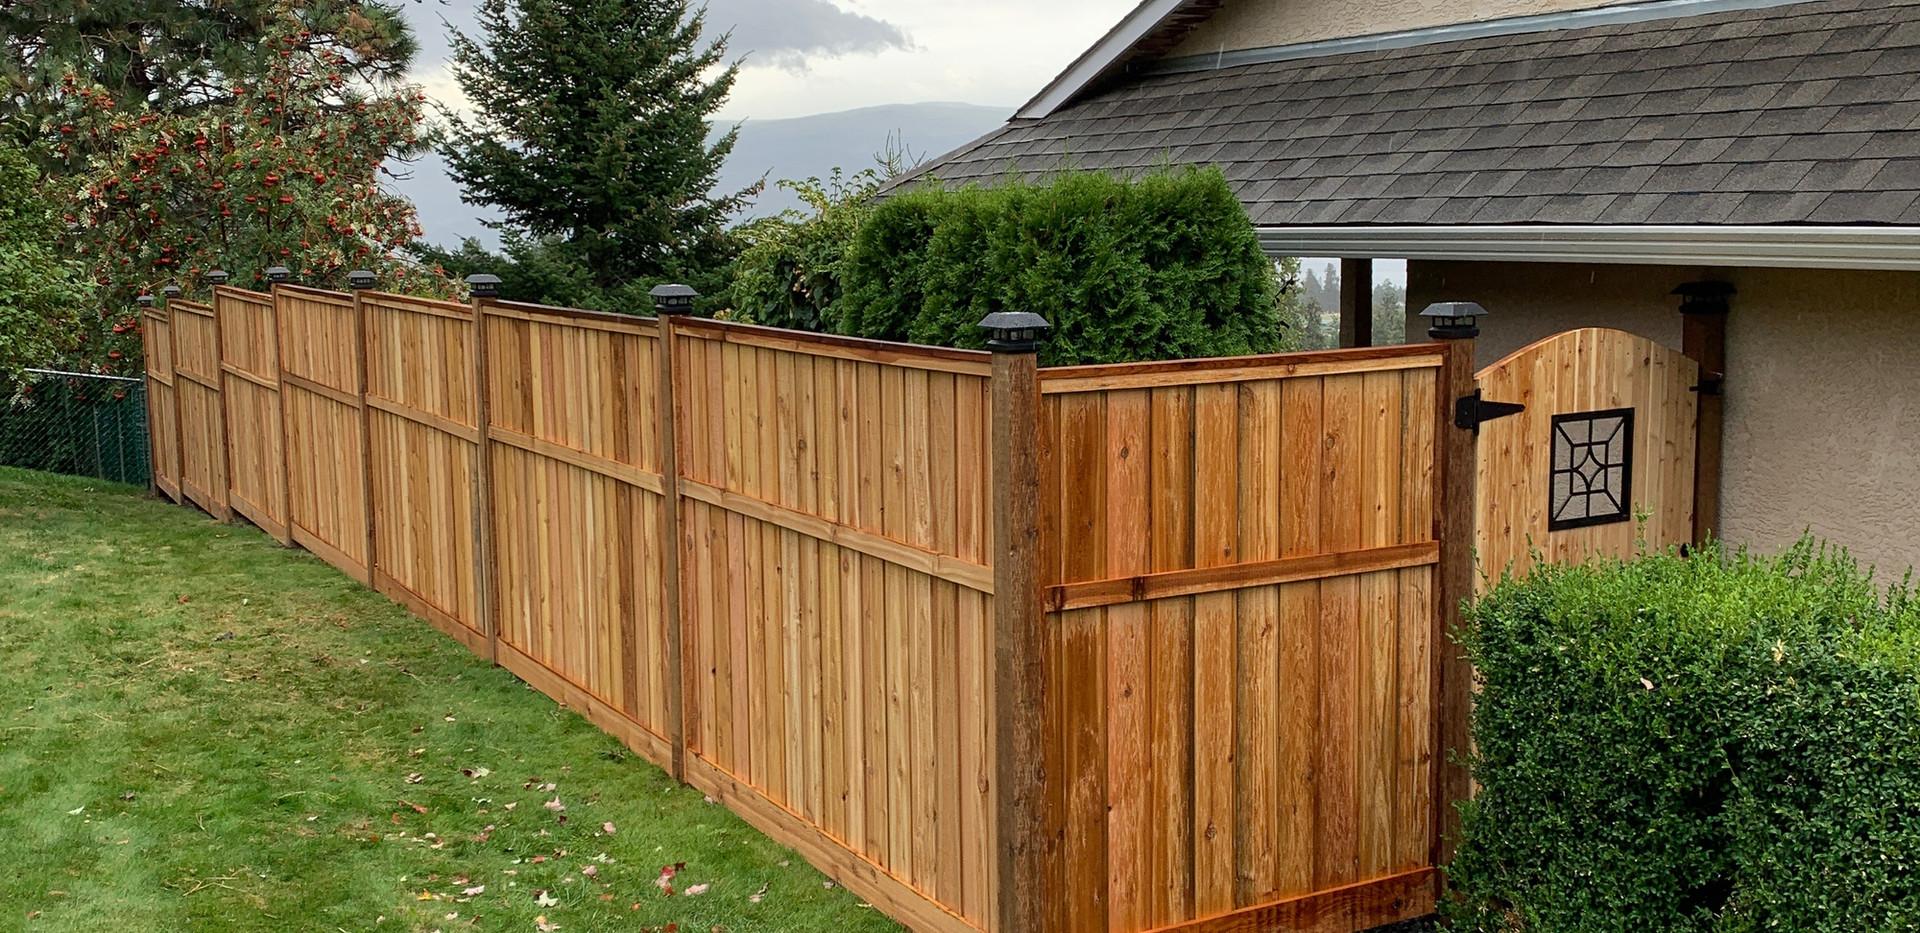 Cedar privacy fence